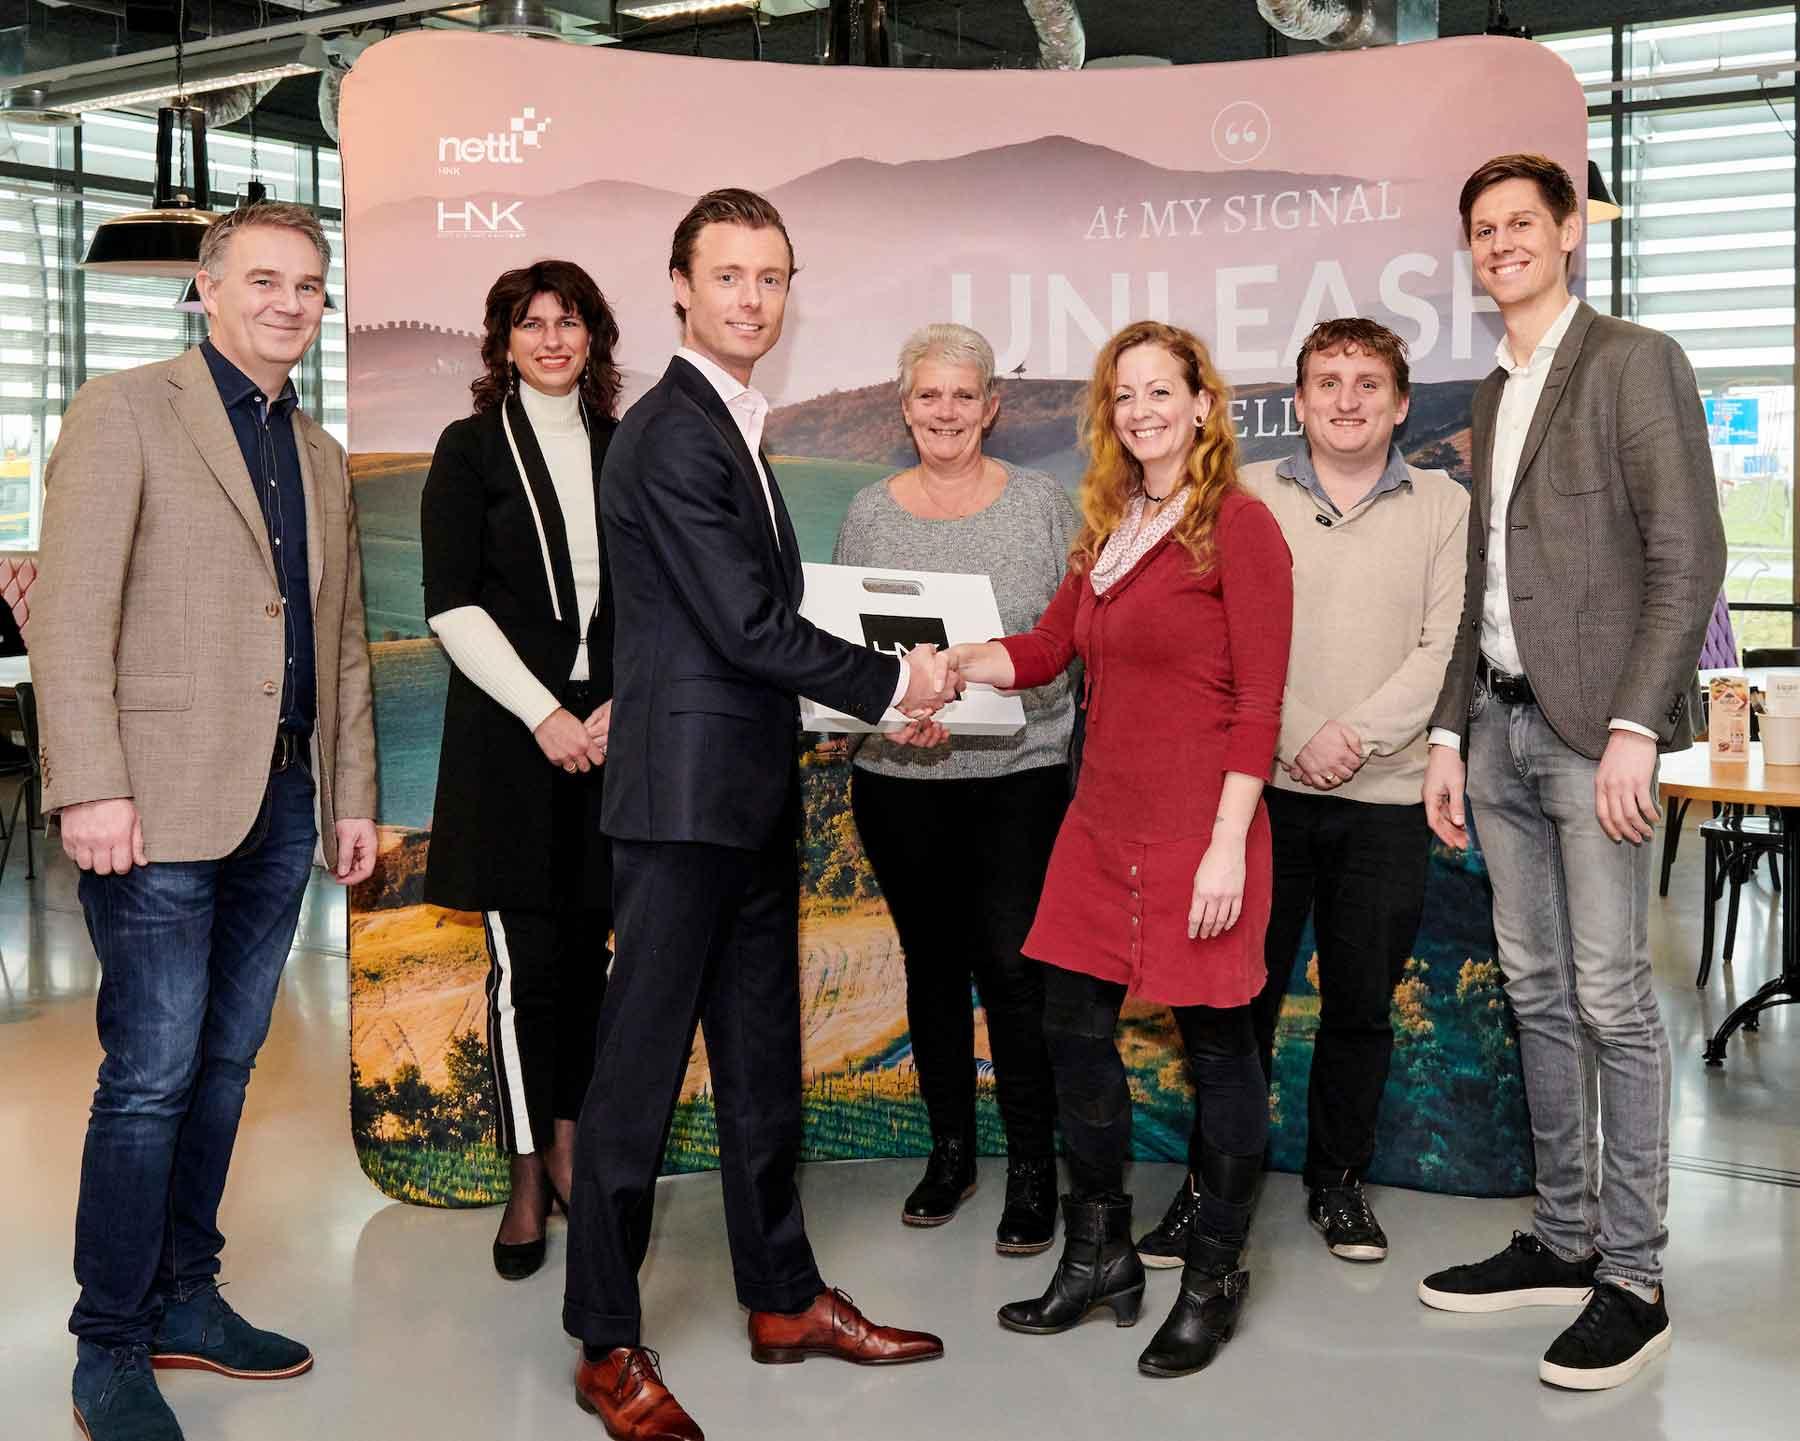 Nettl Den Haag en HNK partnership